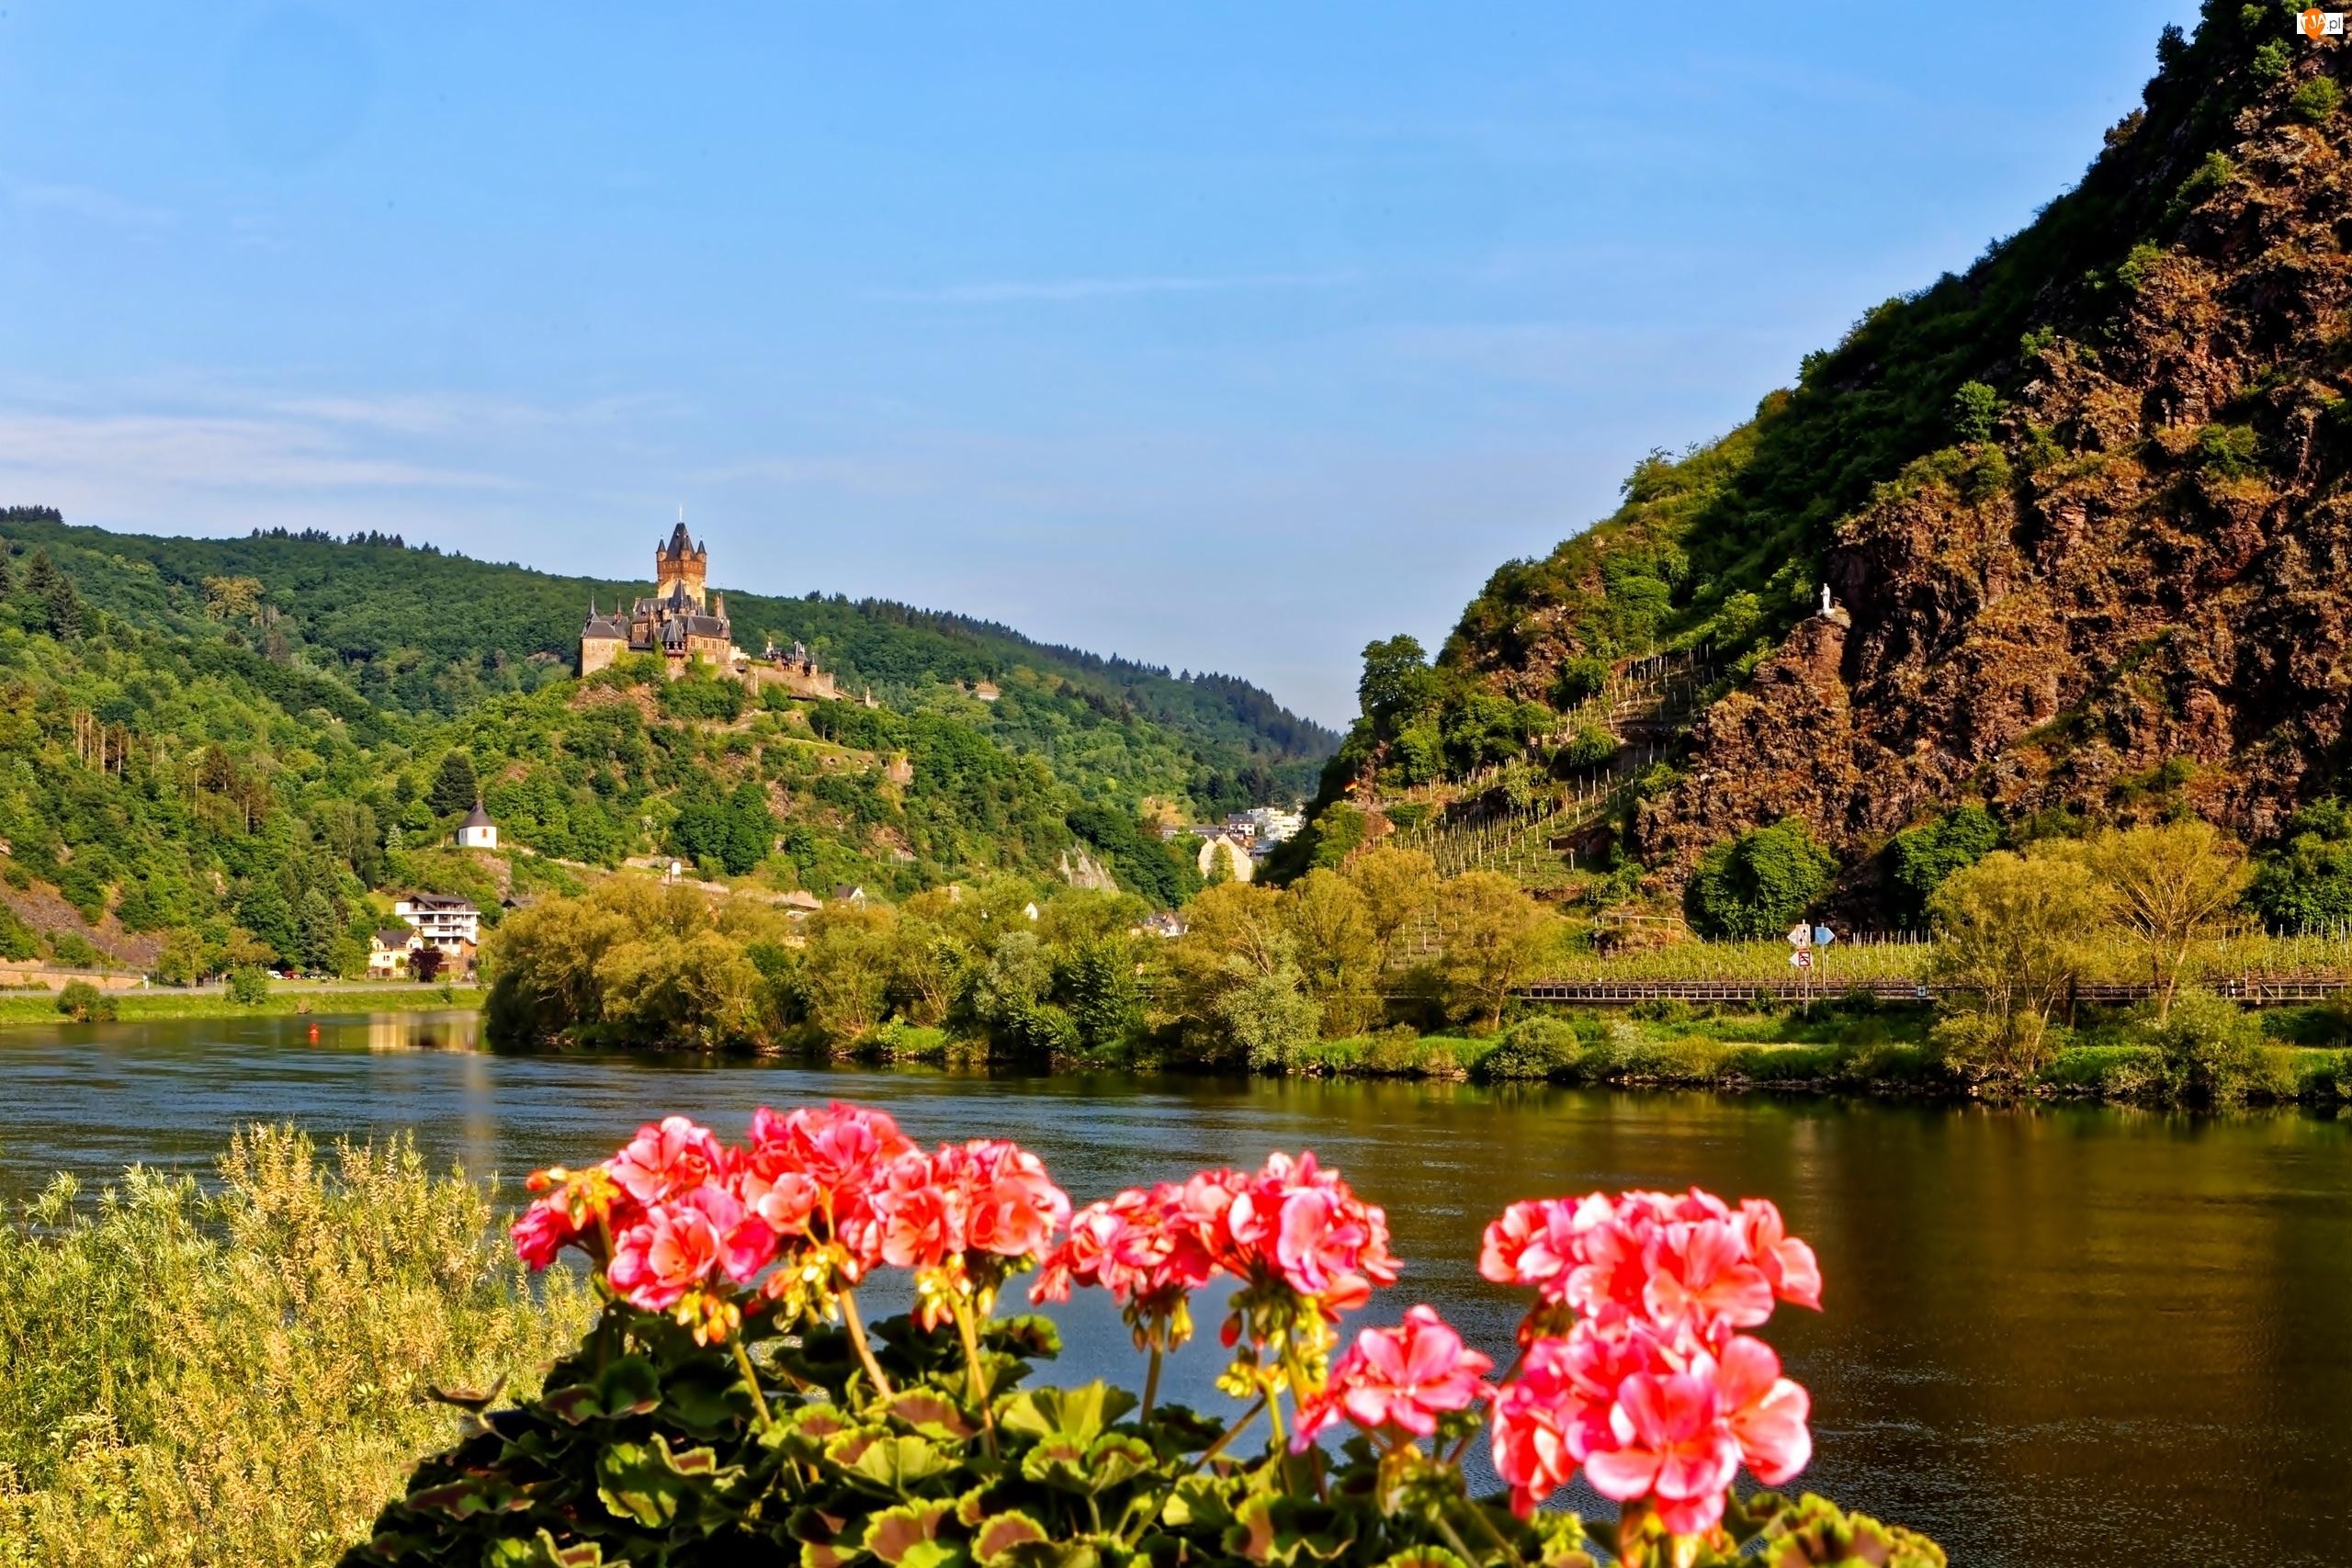 Lasy, Cochem, Rzeka, Pelargonie, Góry, Zamek